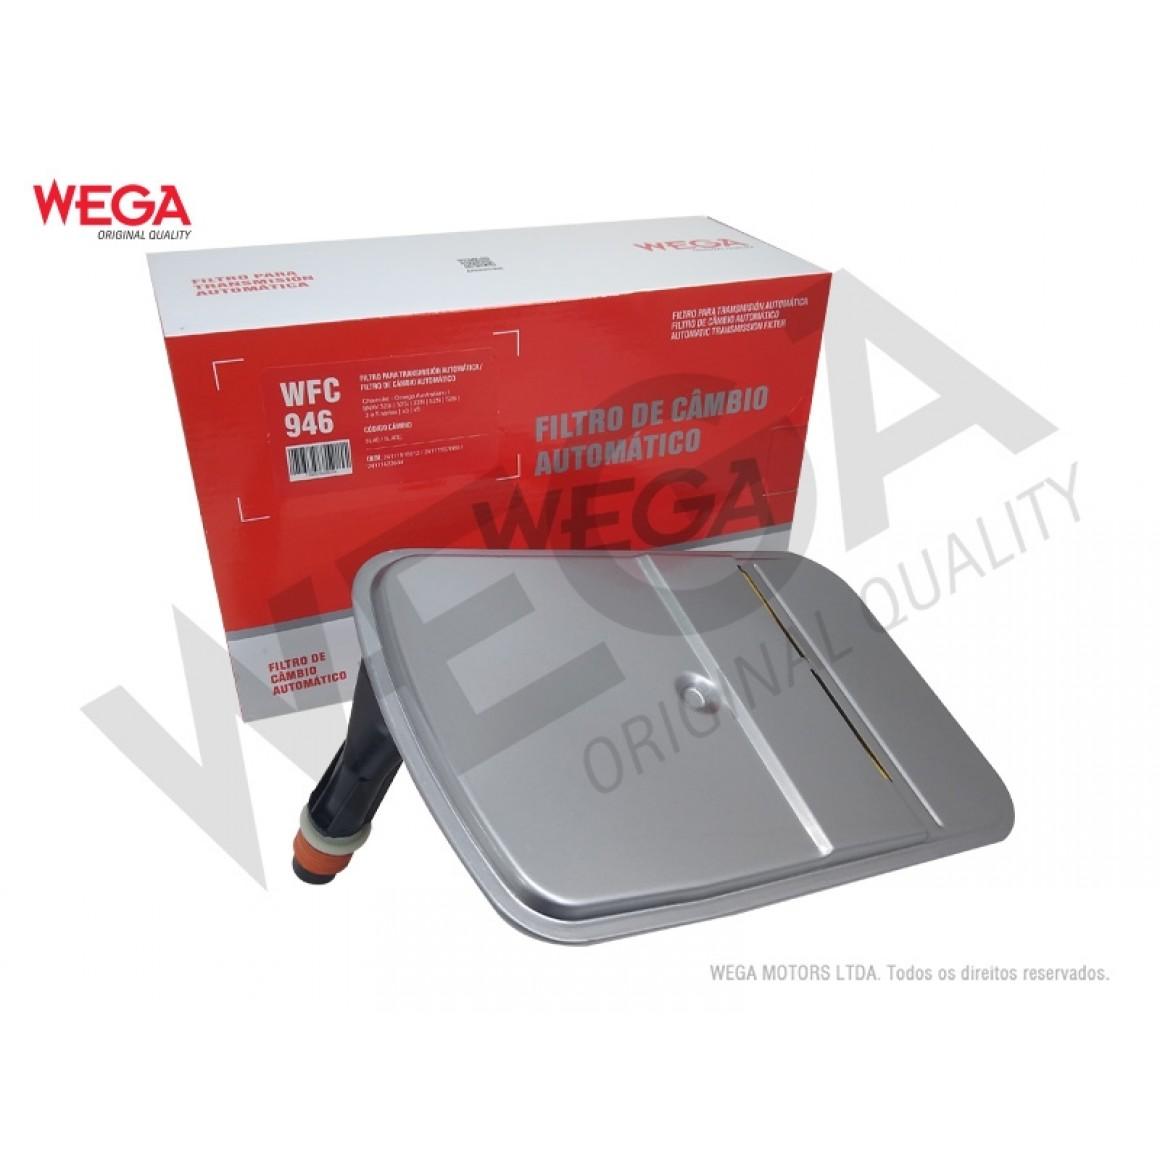 Filtro Câmbio Automático Omega Bmw Wega WFC946